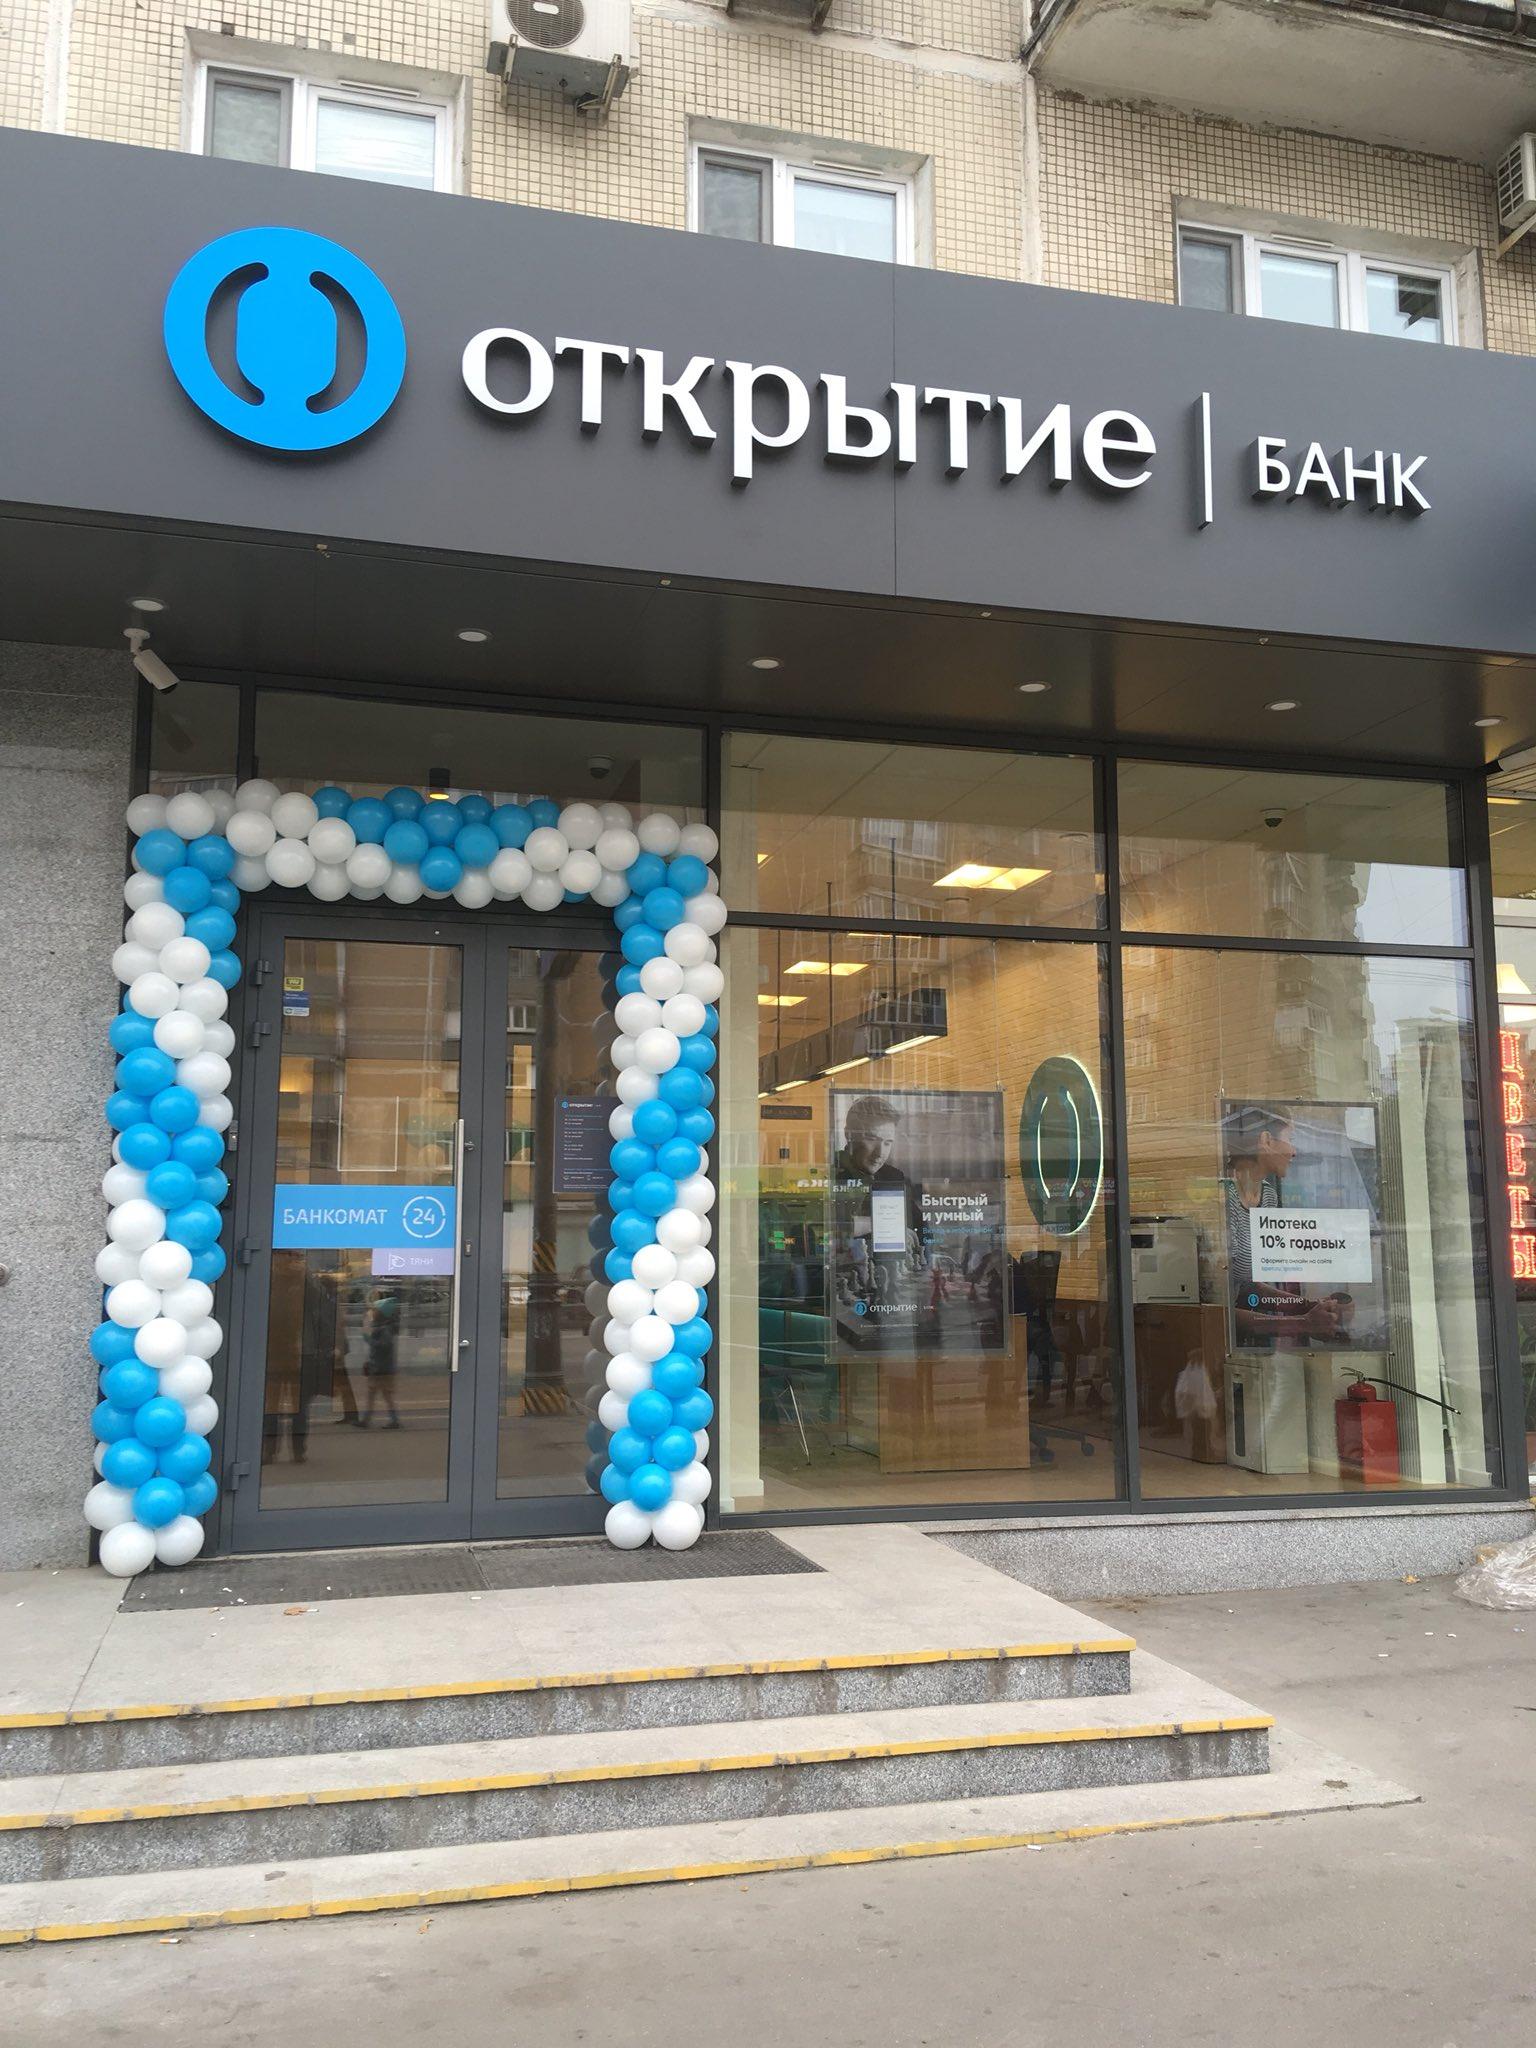 интерьер открытые банки фотографий россии много красивых